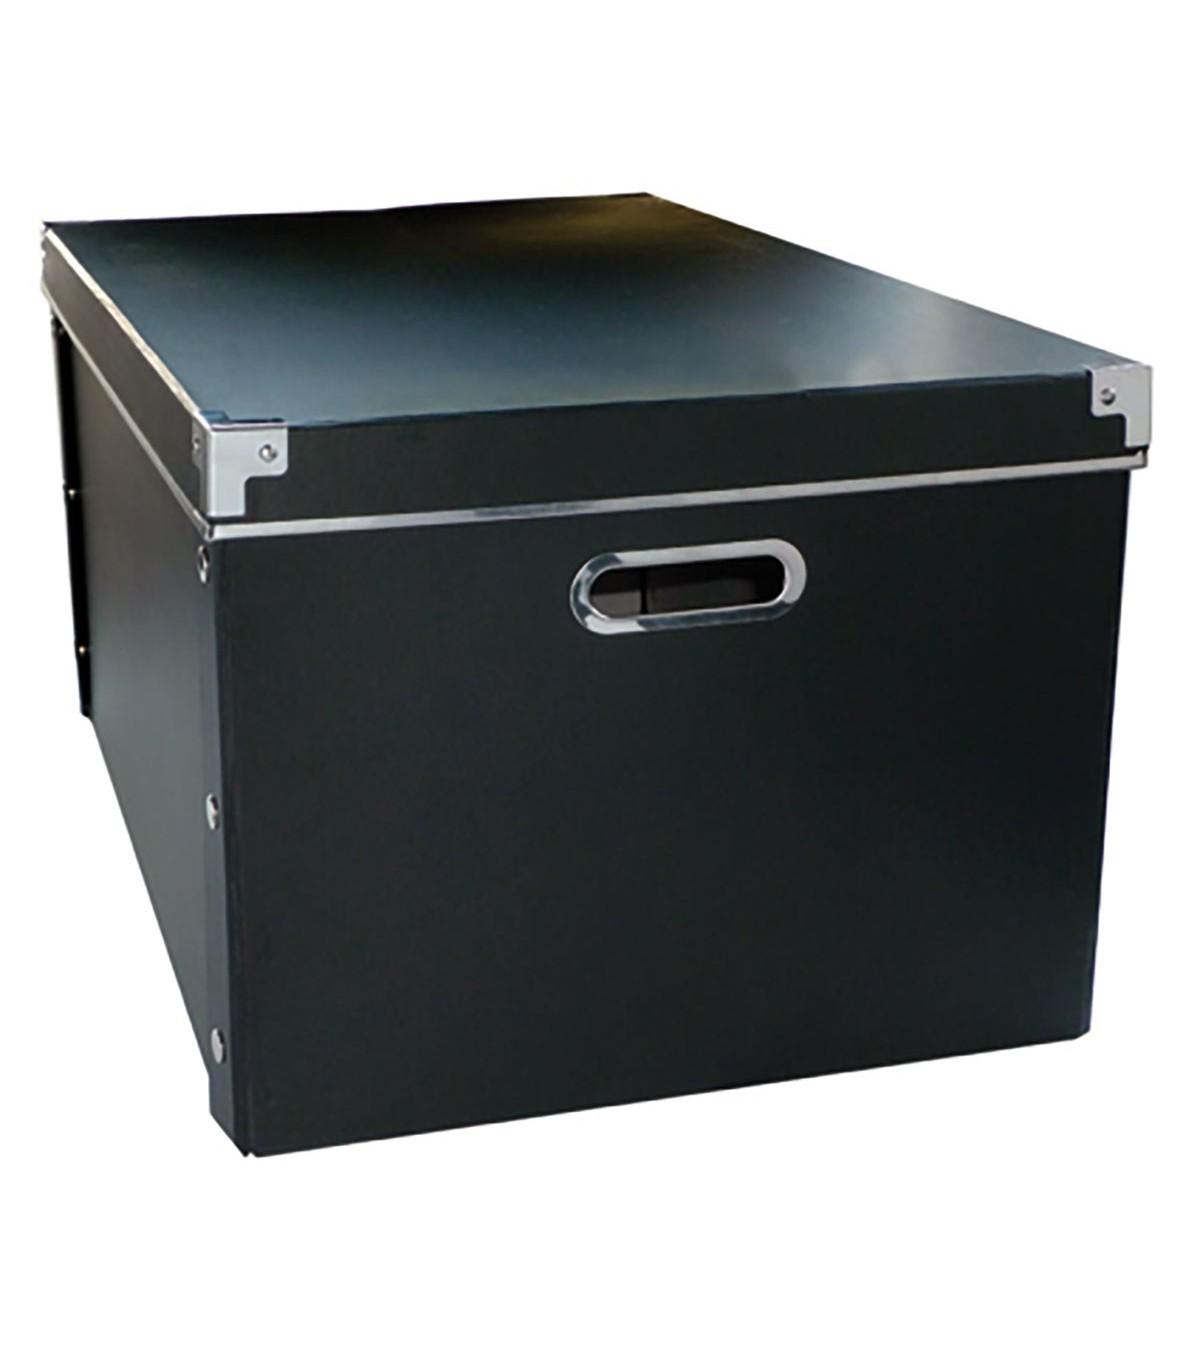 boite de rangement carton avec armature metal